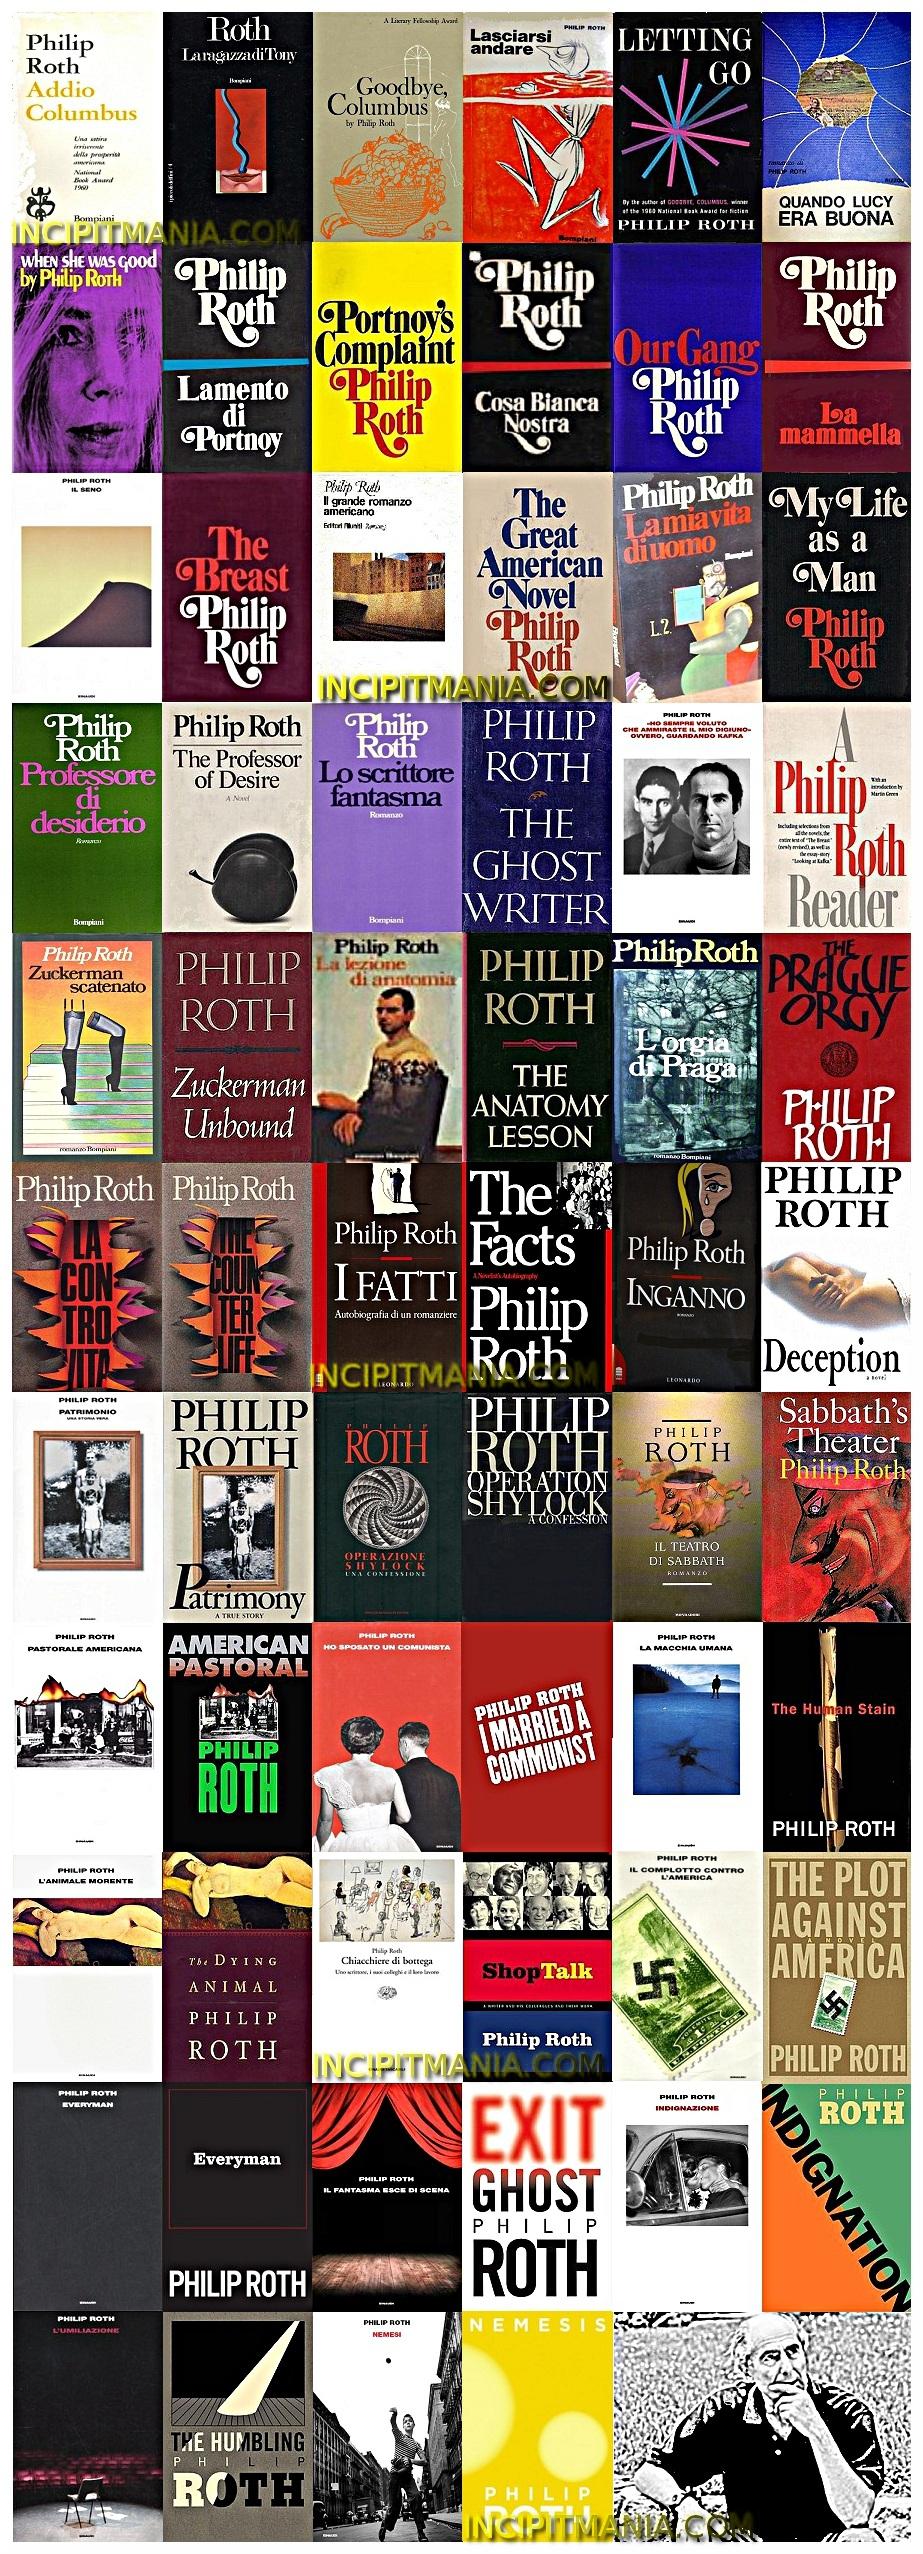 Philip Roth - Opere - Bibliografia